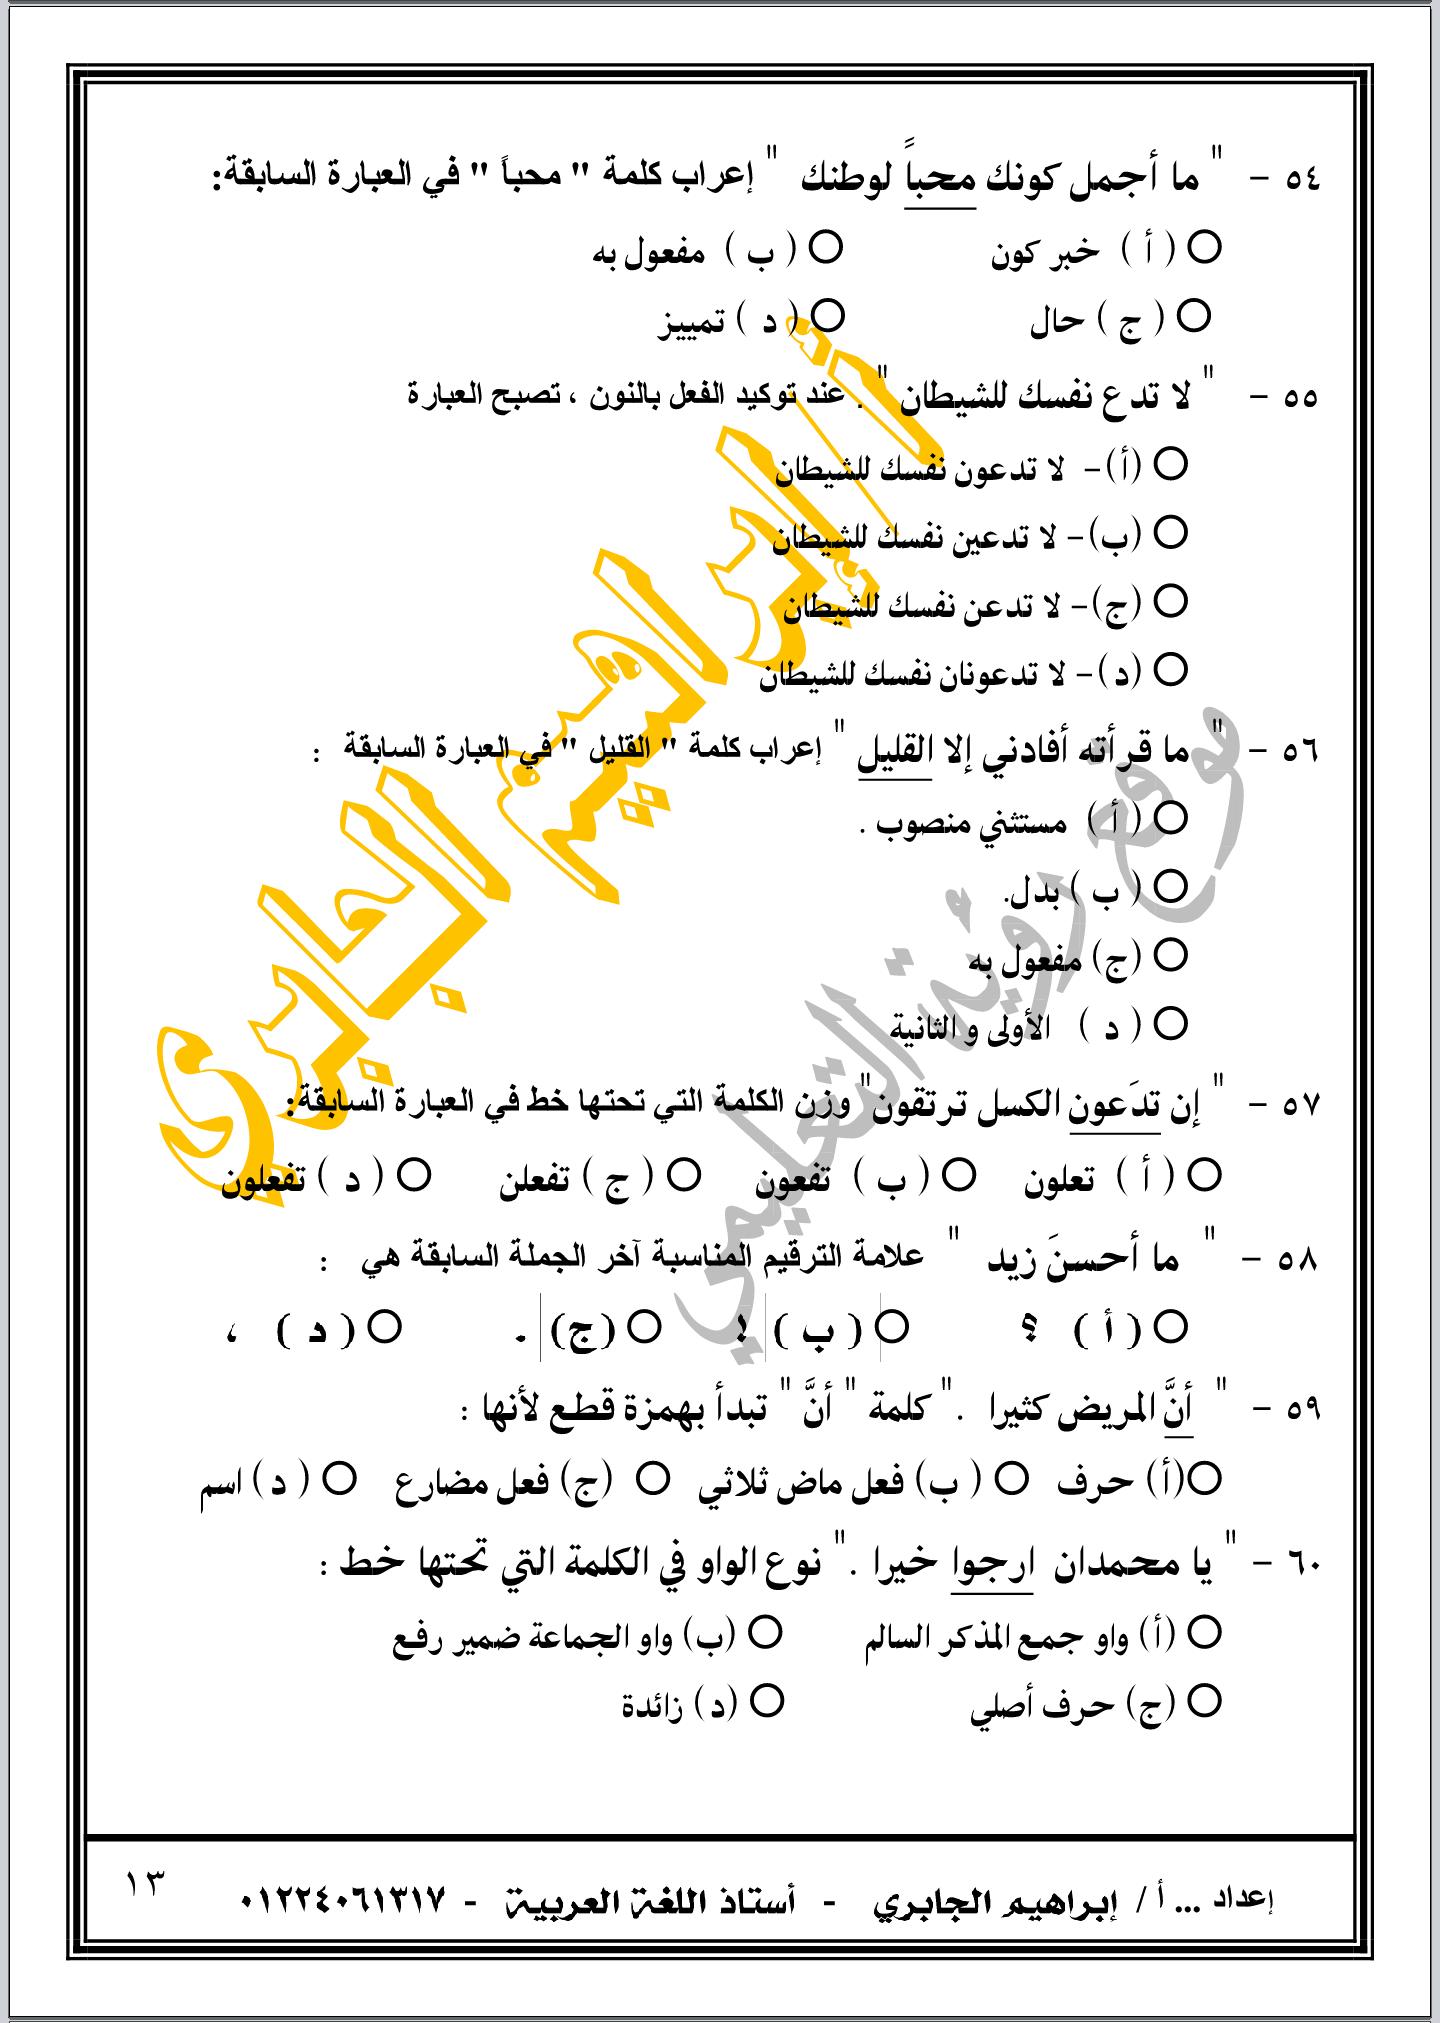 امتحان لغة عربية شامل للثانوية العامة نظام جديد 2021.. 70 سؤالا بالإجابات النموذجية Screenshot_%25D9%25A2%25D9%25A0%25D9%25A2%25D9%25A1-%25D9%25A0%25D9%25A4-%25D9%25A1%25D9%25A5-%25D9%25A0%25D9%25A1-%25D9%25A4%25D9%25A1-%25D9%25A5%25D9%25A2-1